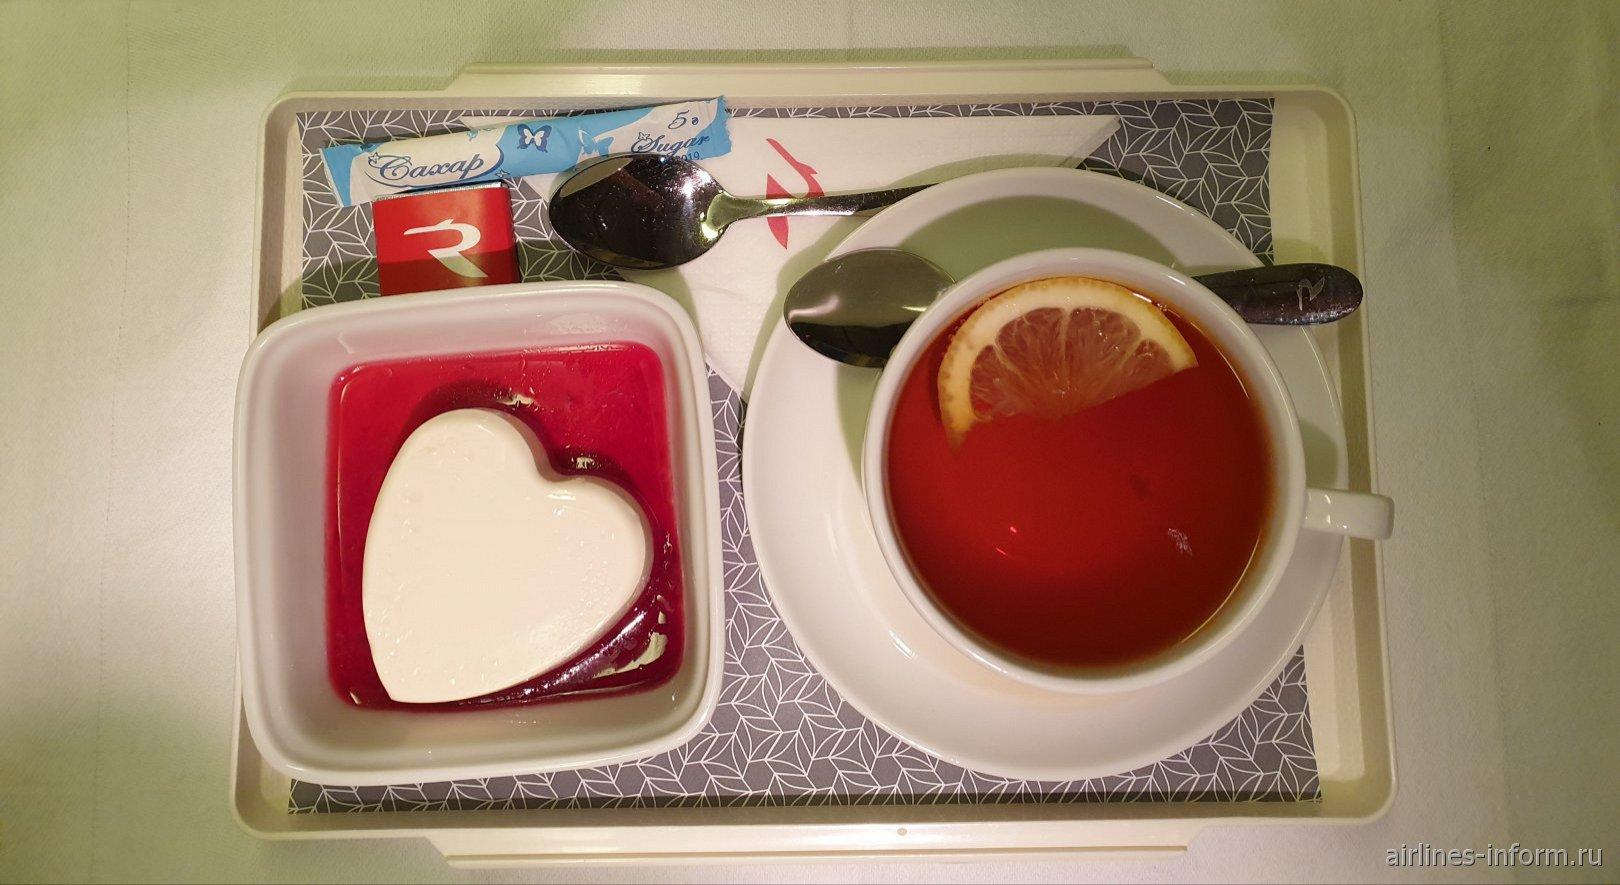 Десерт в бизнес-классе авиакомпании